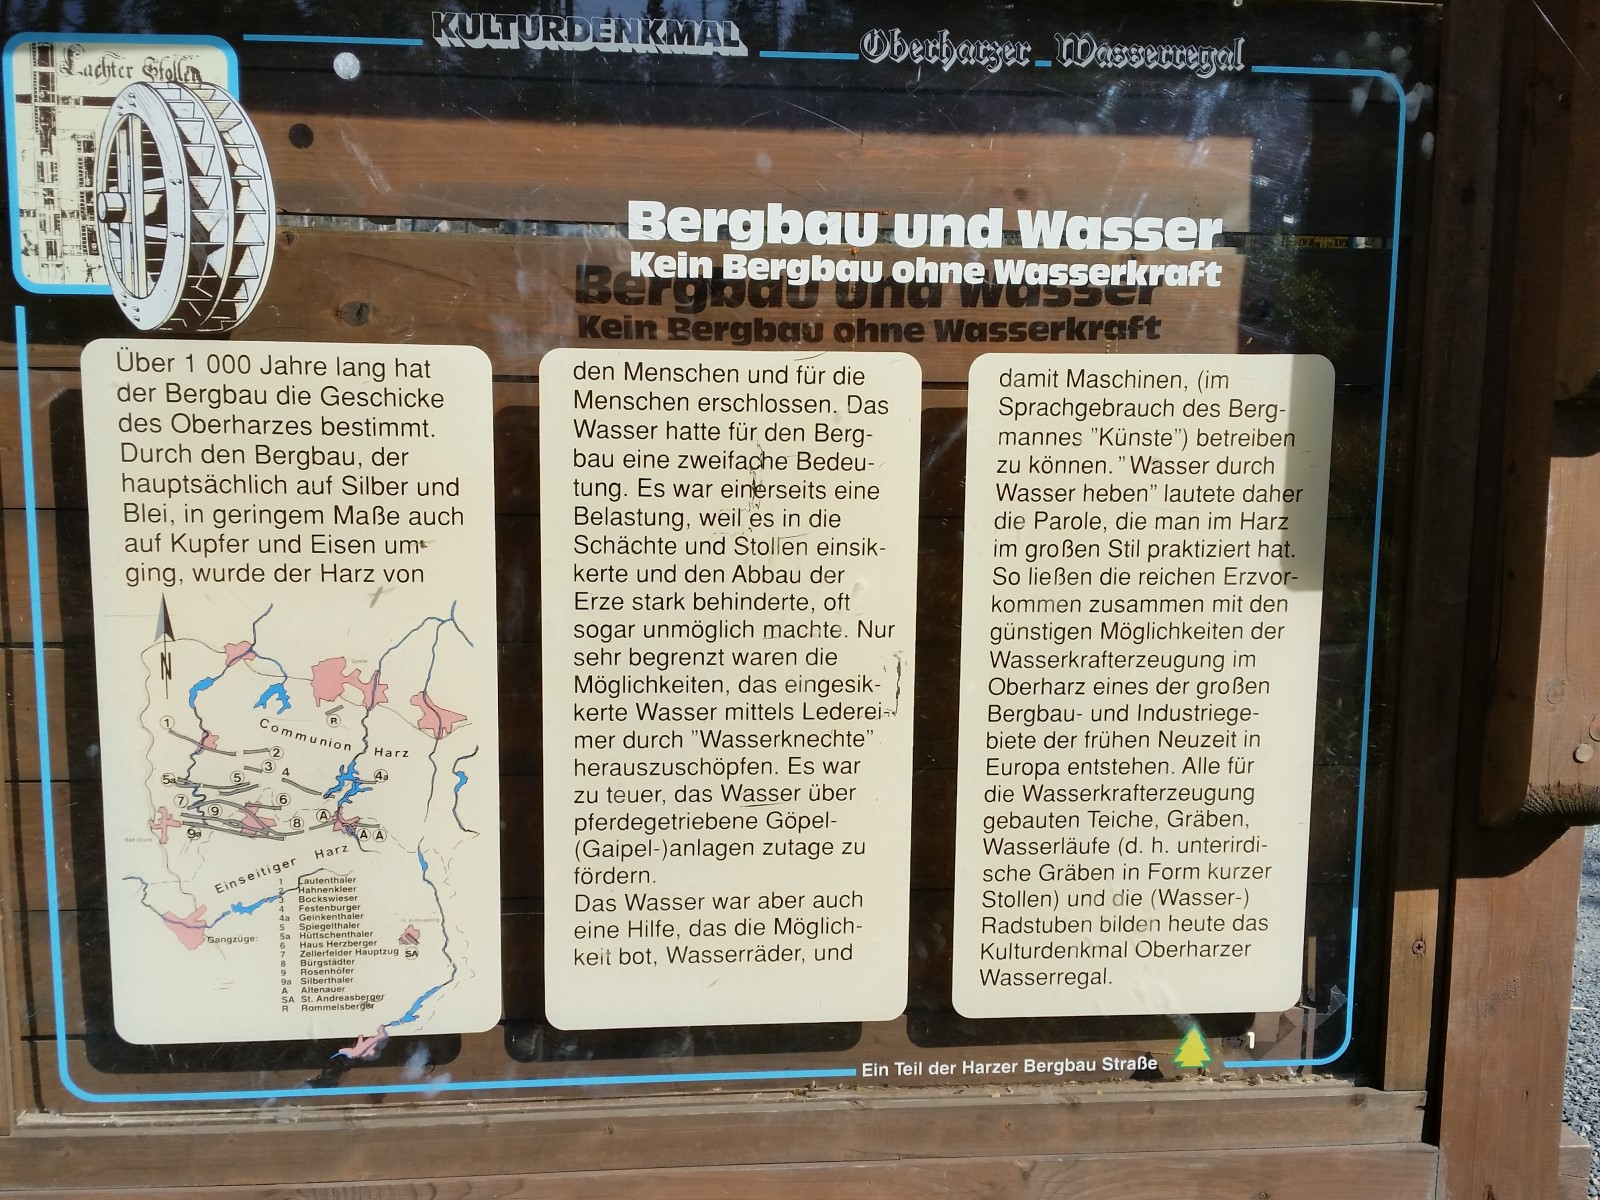 Weitere Infos zur Harzer Wasserwirtschaft